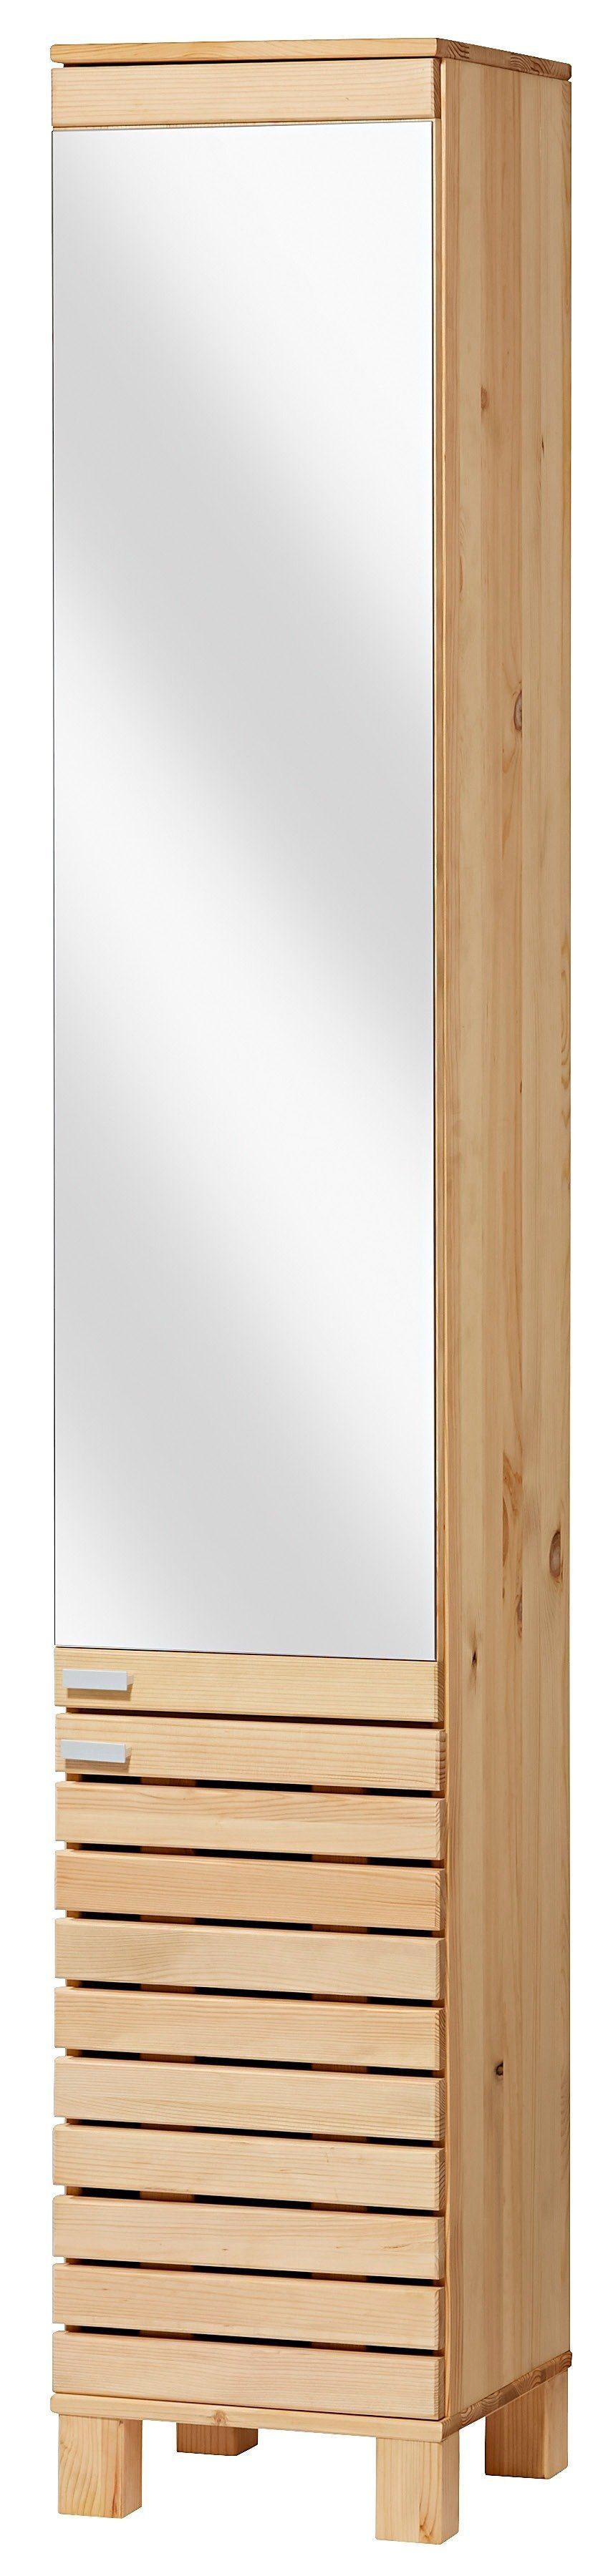 Spiegelschrank »Amrum« 30 cm